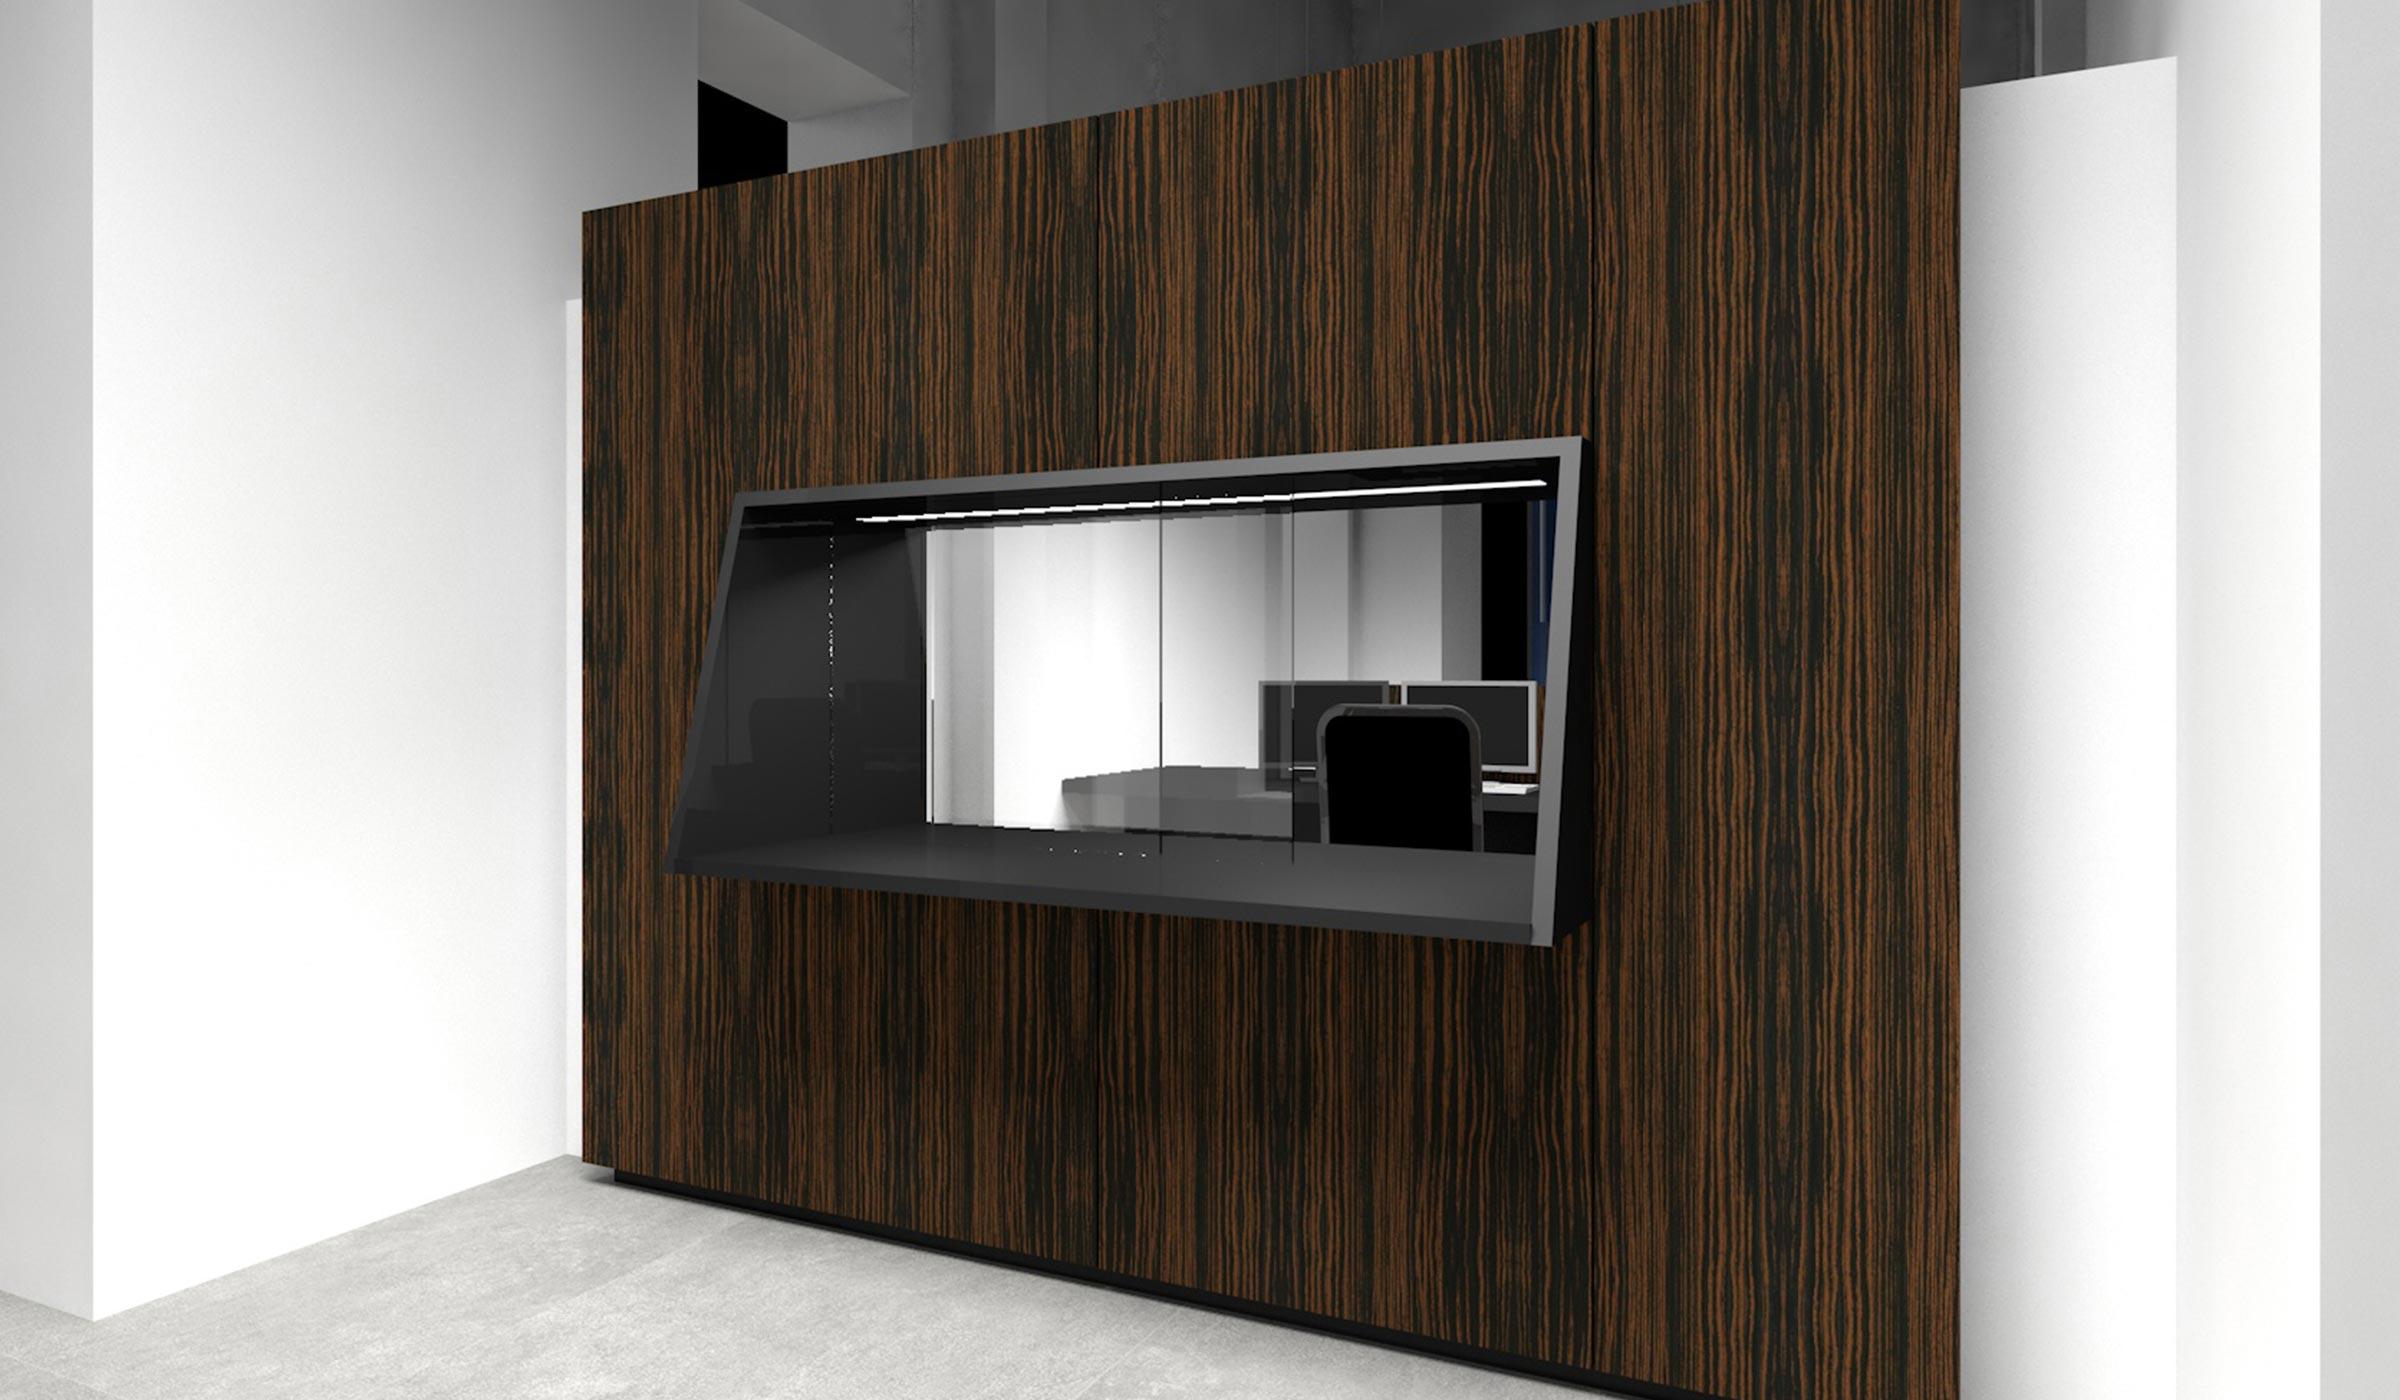 administrative court rooms and reception desk renovation lille 59 france guillaume da silva. Black Bedroom Furniture Sets. Home Design Ideas